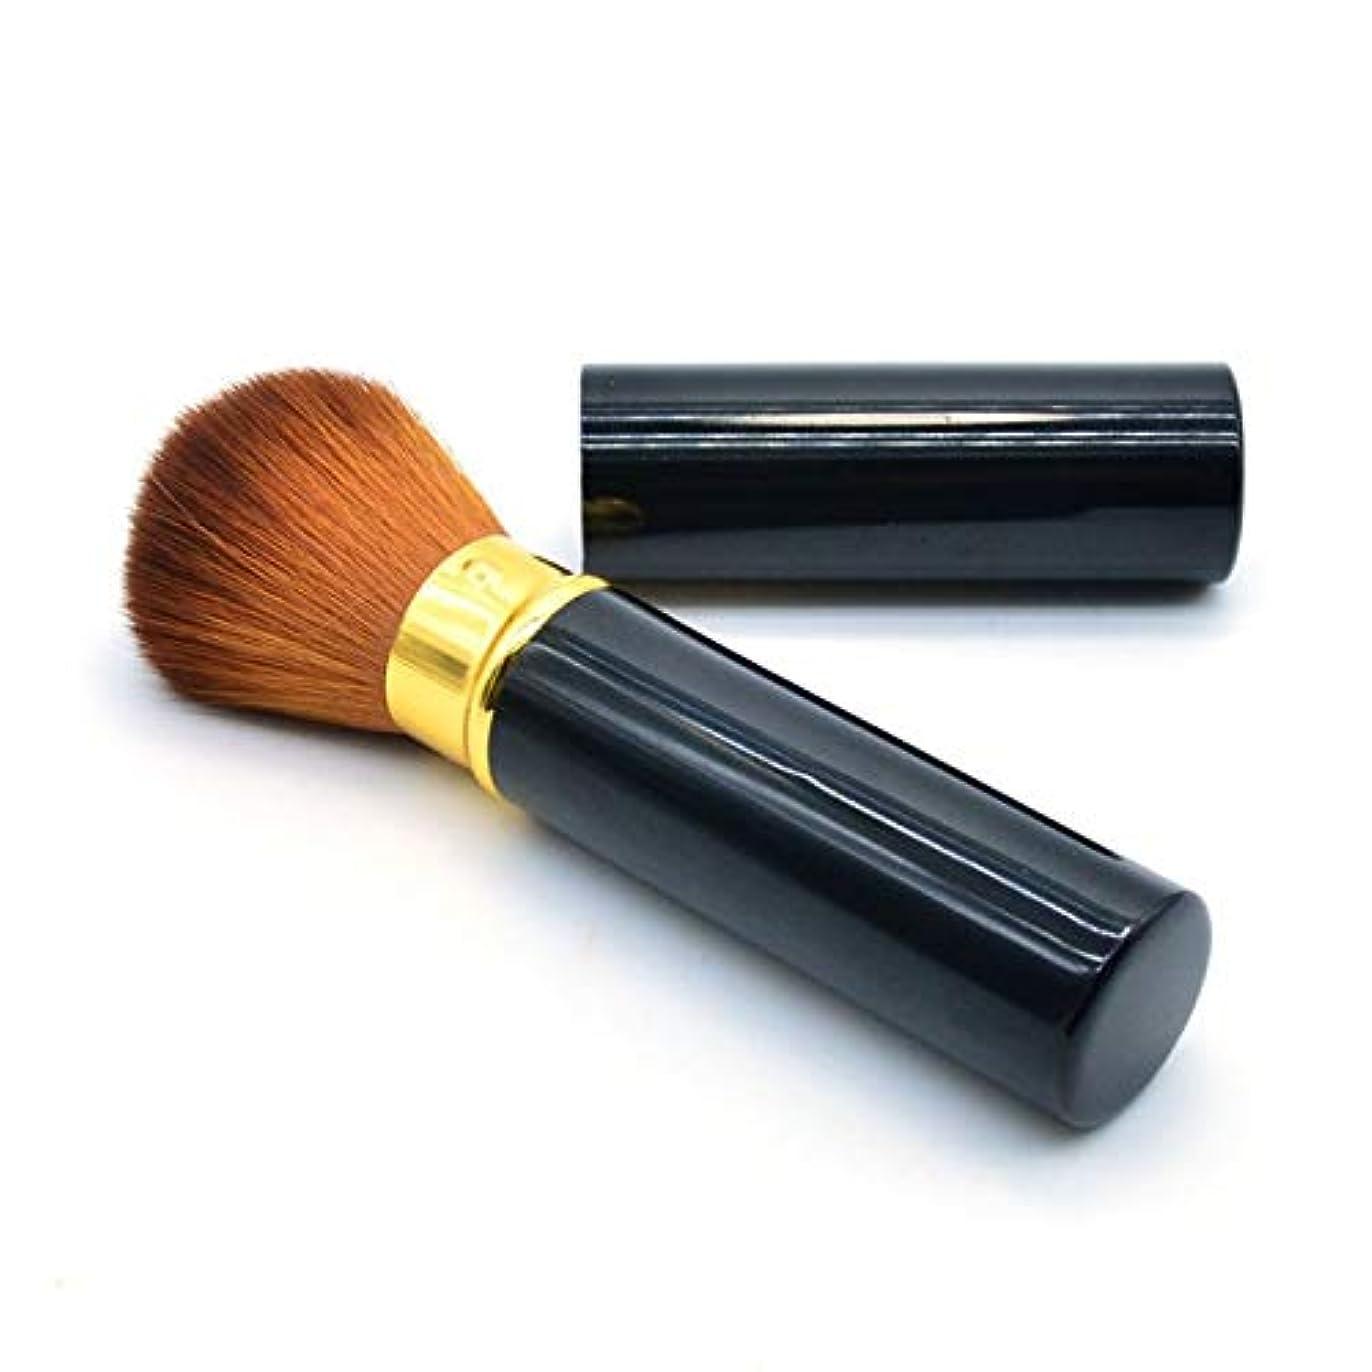 アレイ報復近代化ShiMin 化粧ブラシセット、シングル引き込み式化粧ブラシレーヨンブラッシュブラシルースパウダーブラシファンデーションブラシ、プロの化粧ブラシ化粧ギフト